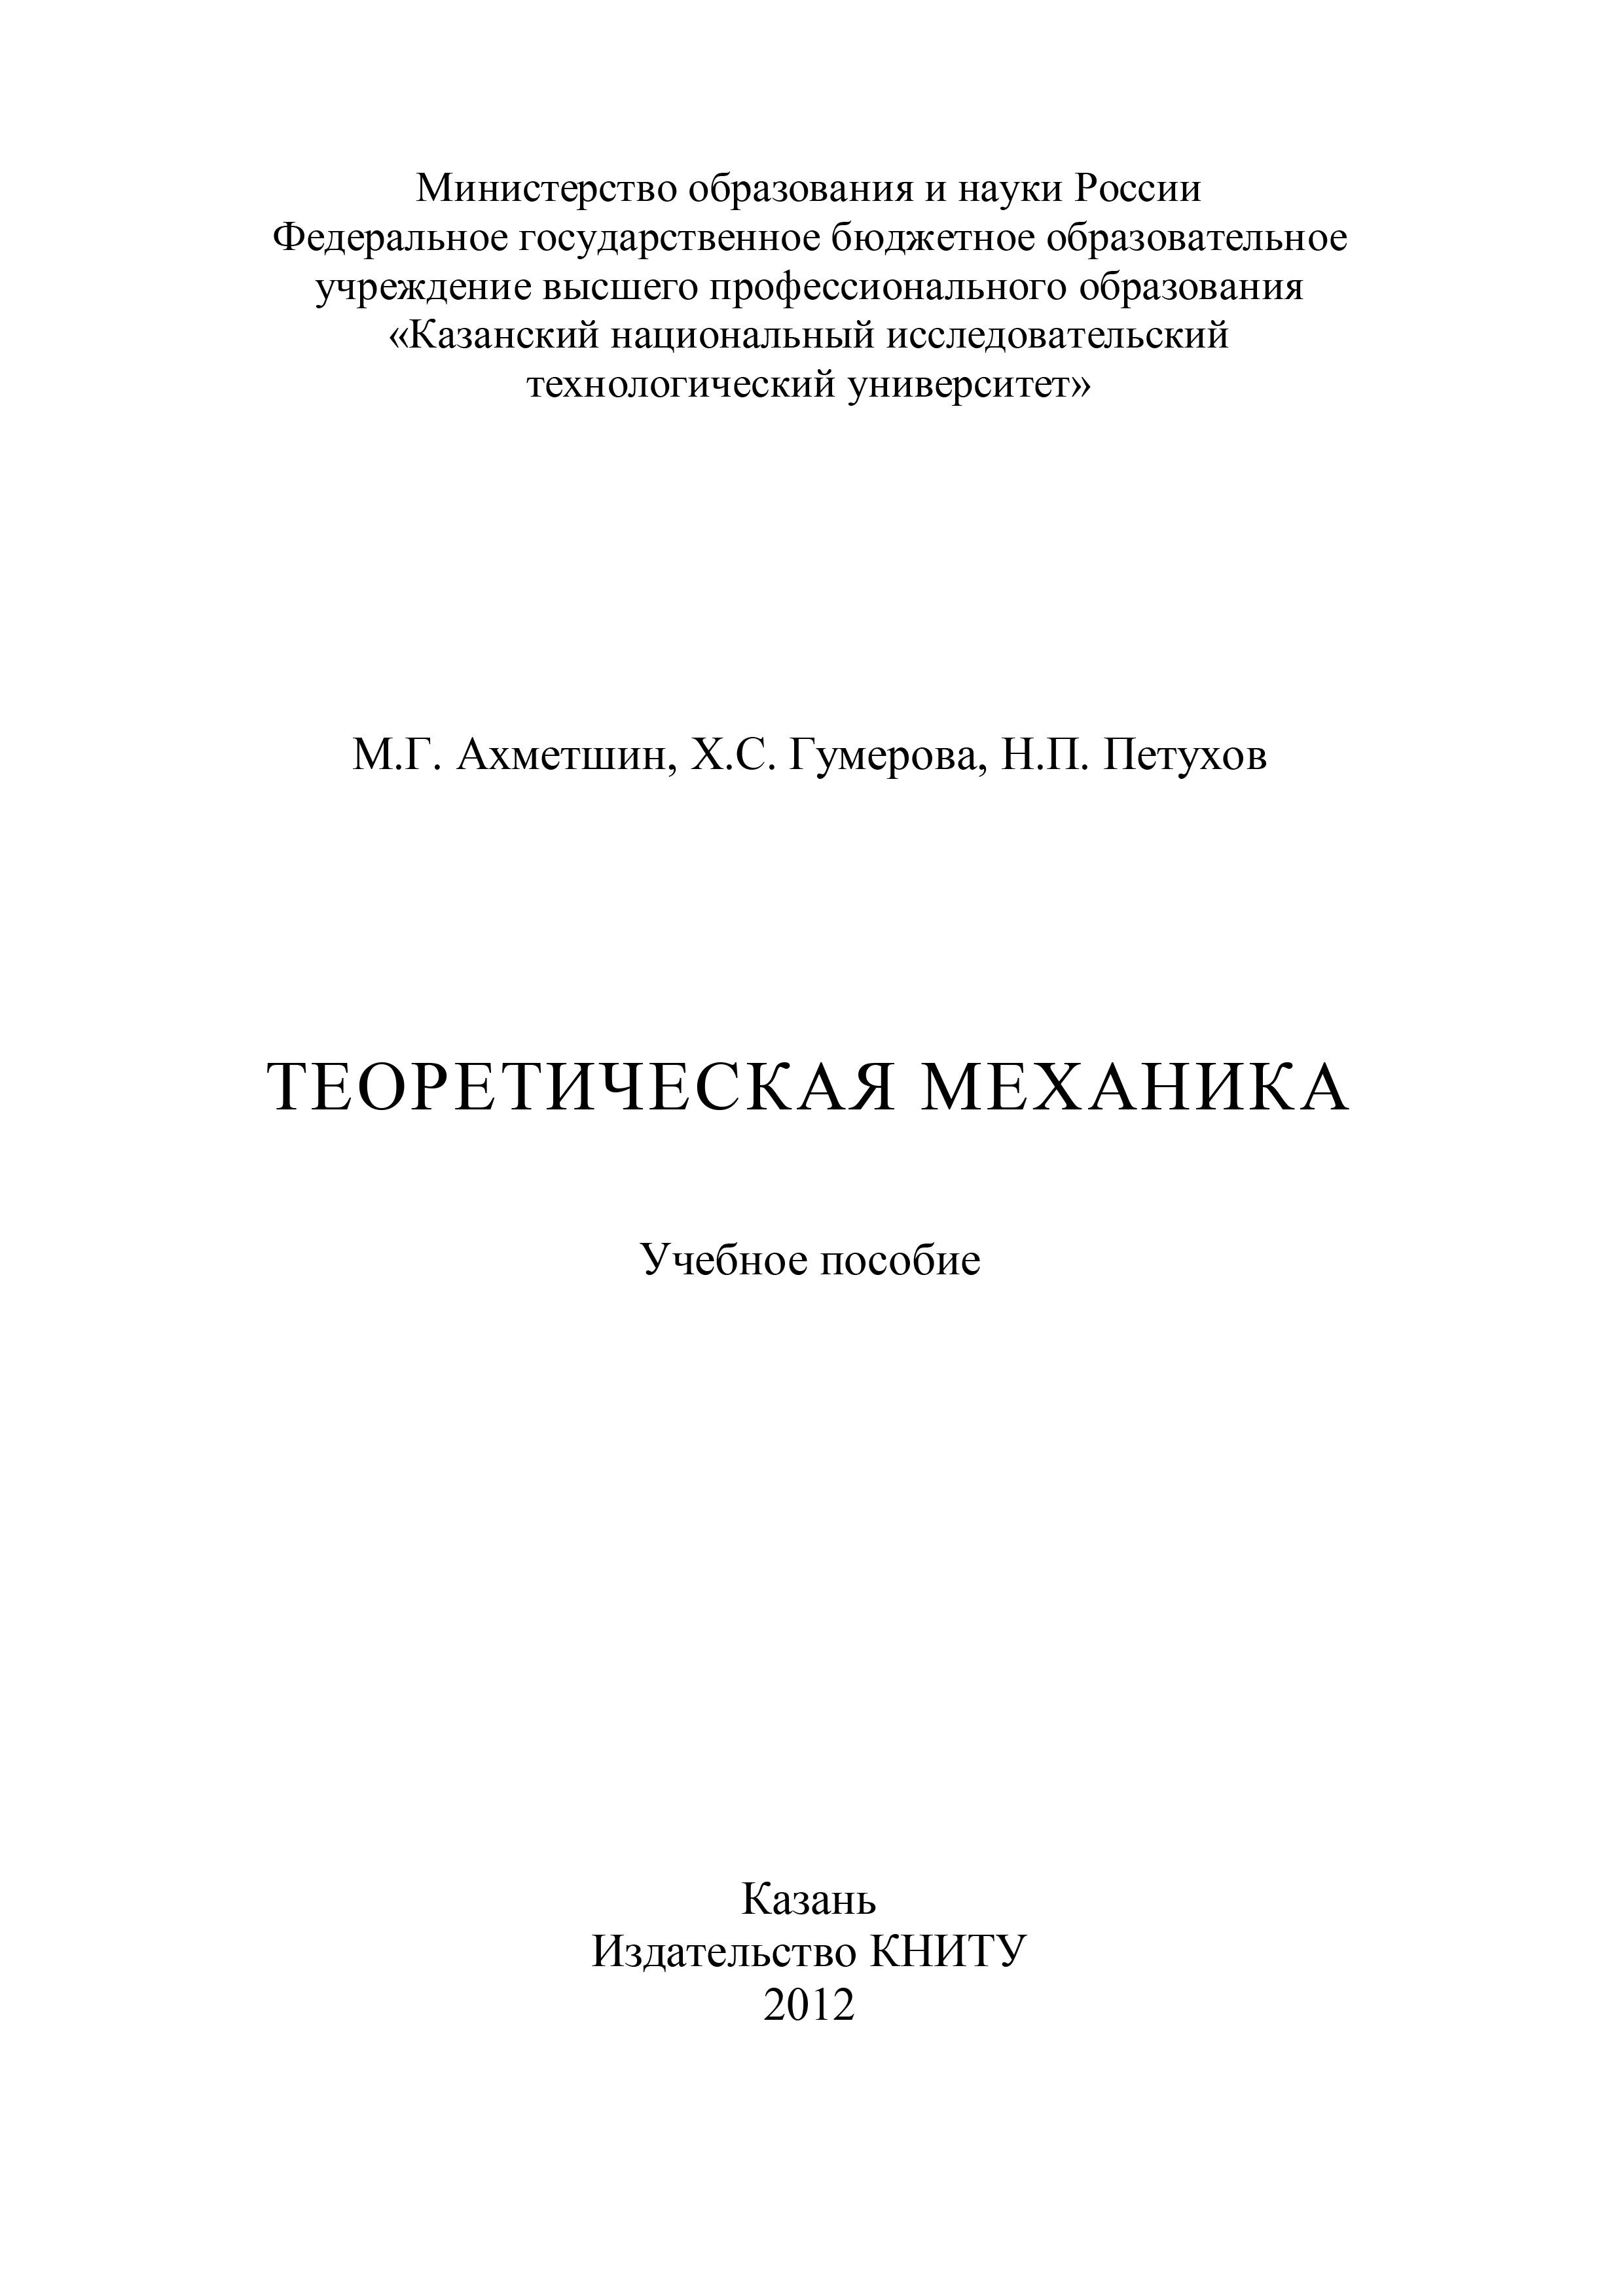 Фото - Н. Петухов Теоретическая механика валерий синицын теоретическая механика дополнения к общим разделам